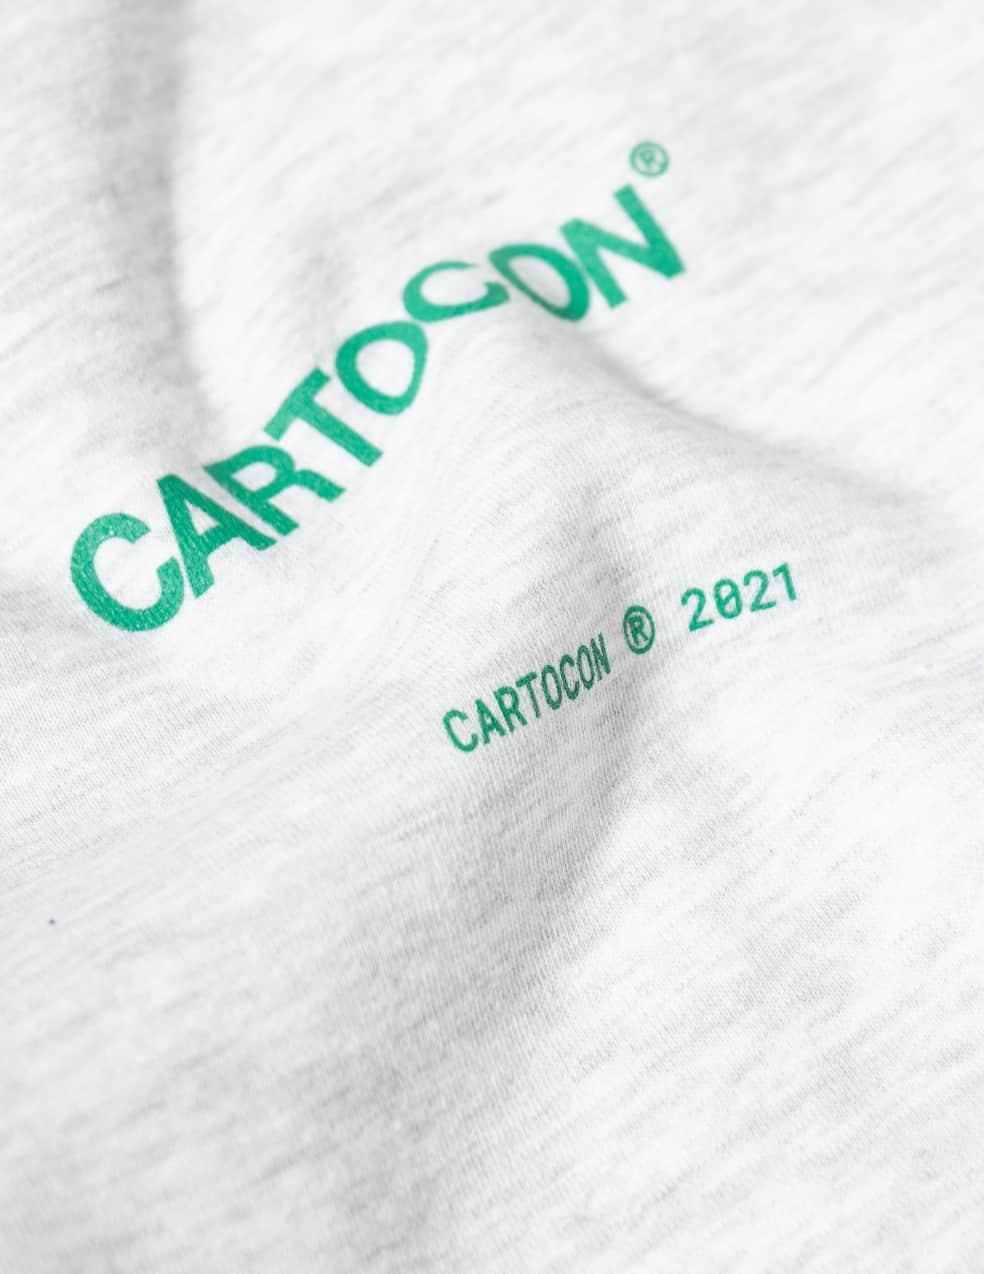 CARTOCON Logo Crew Neck Sweatshirt - Light Grey | Sweatshirt by Cartocon 3